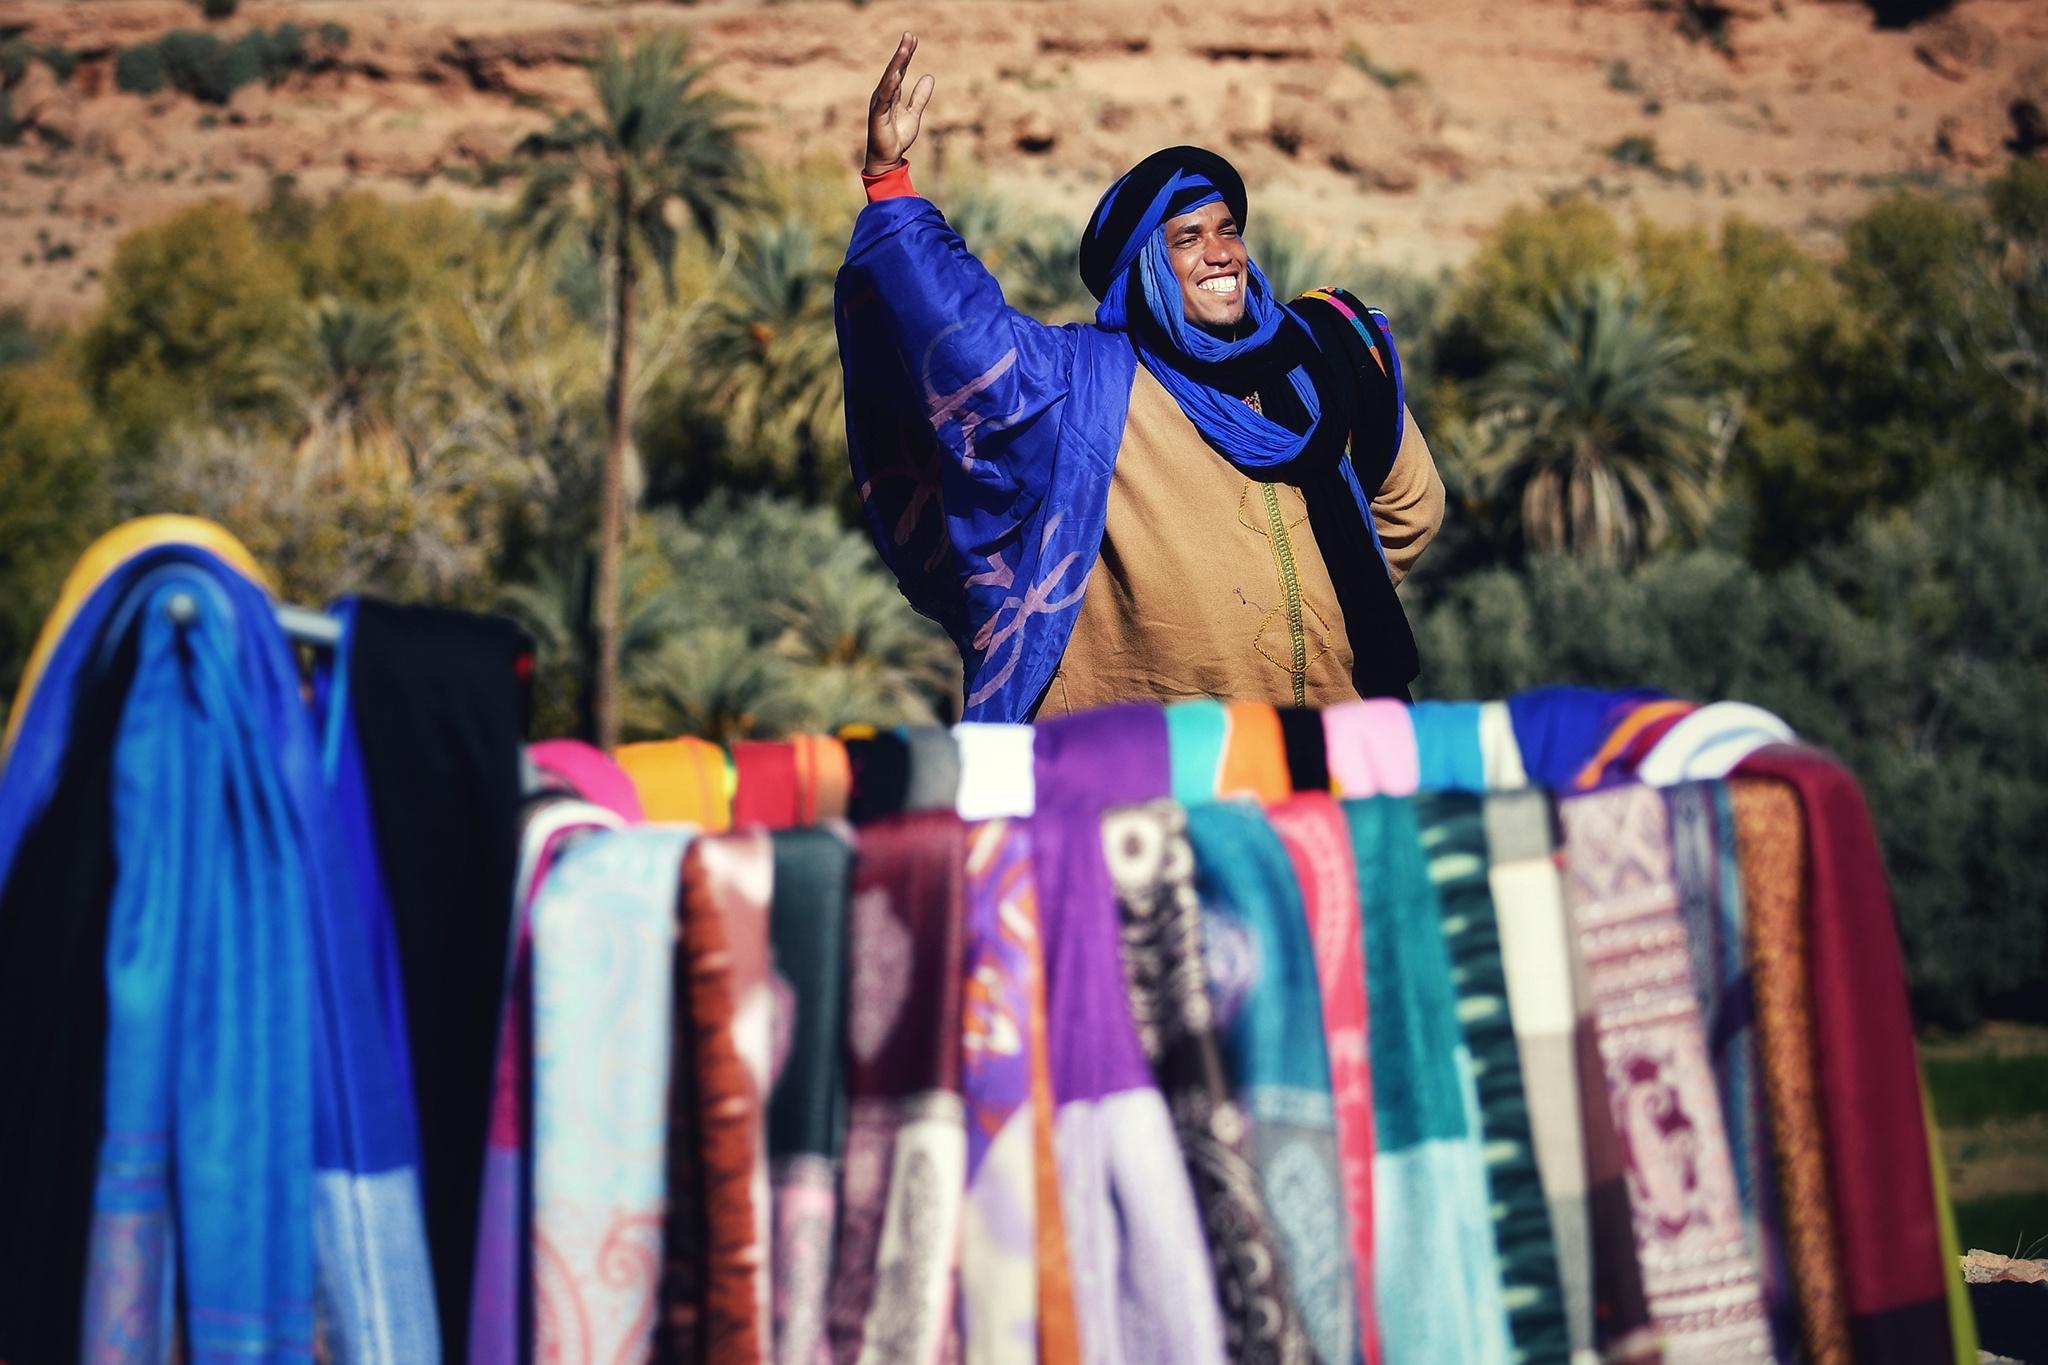 Mua dong o xu so lanh gia Morocco hinh anh 35